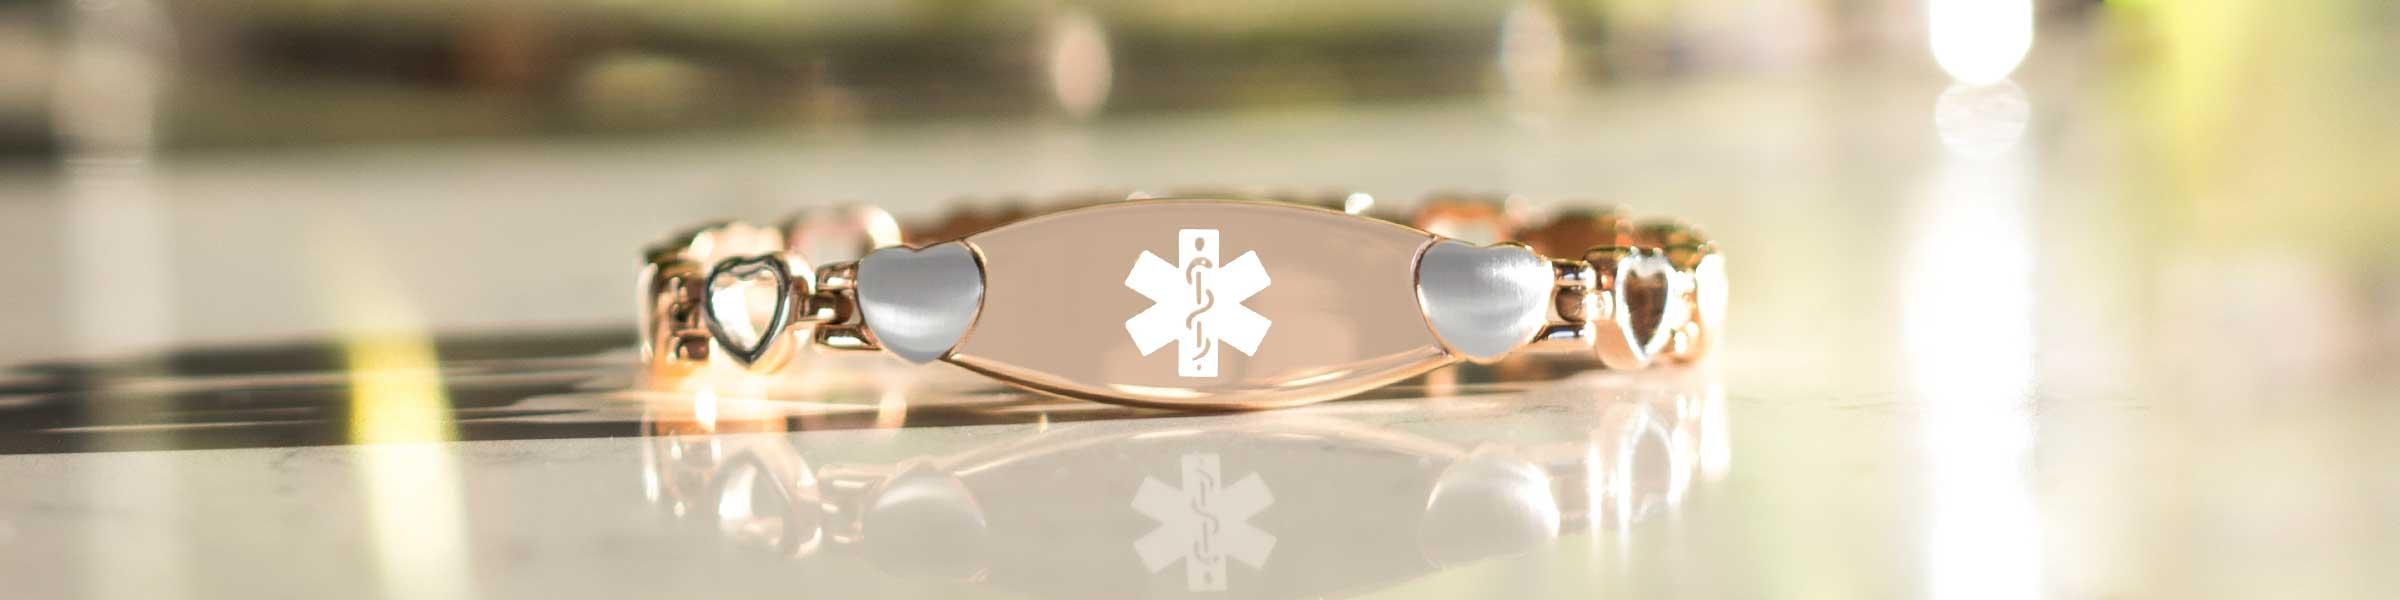 Rose gold medical alert bracelet with heart links